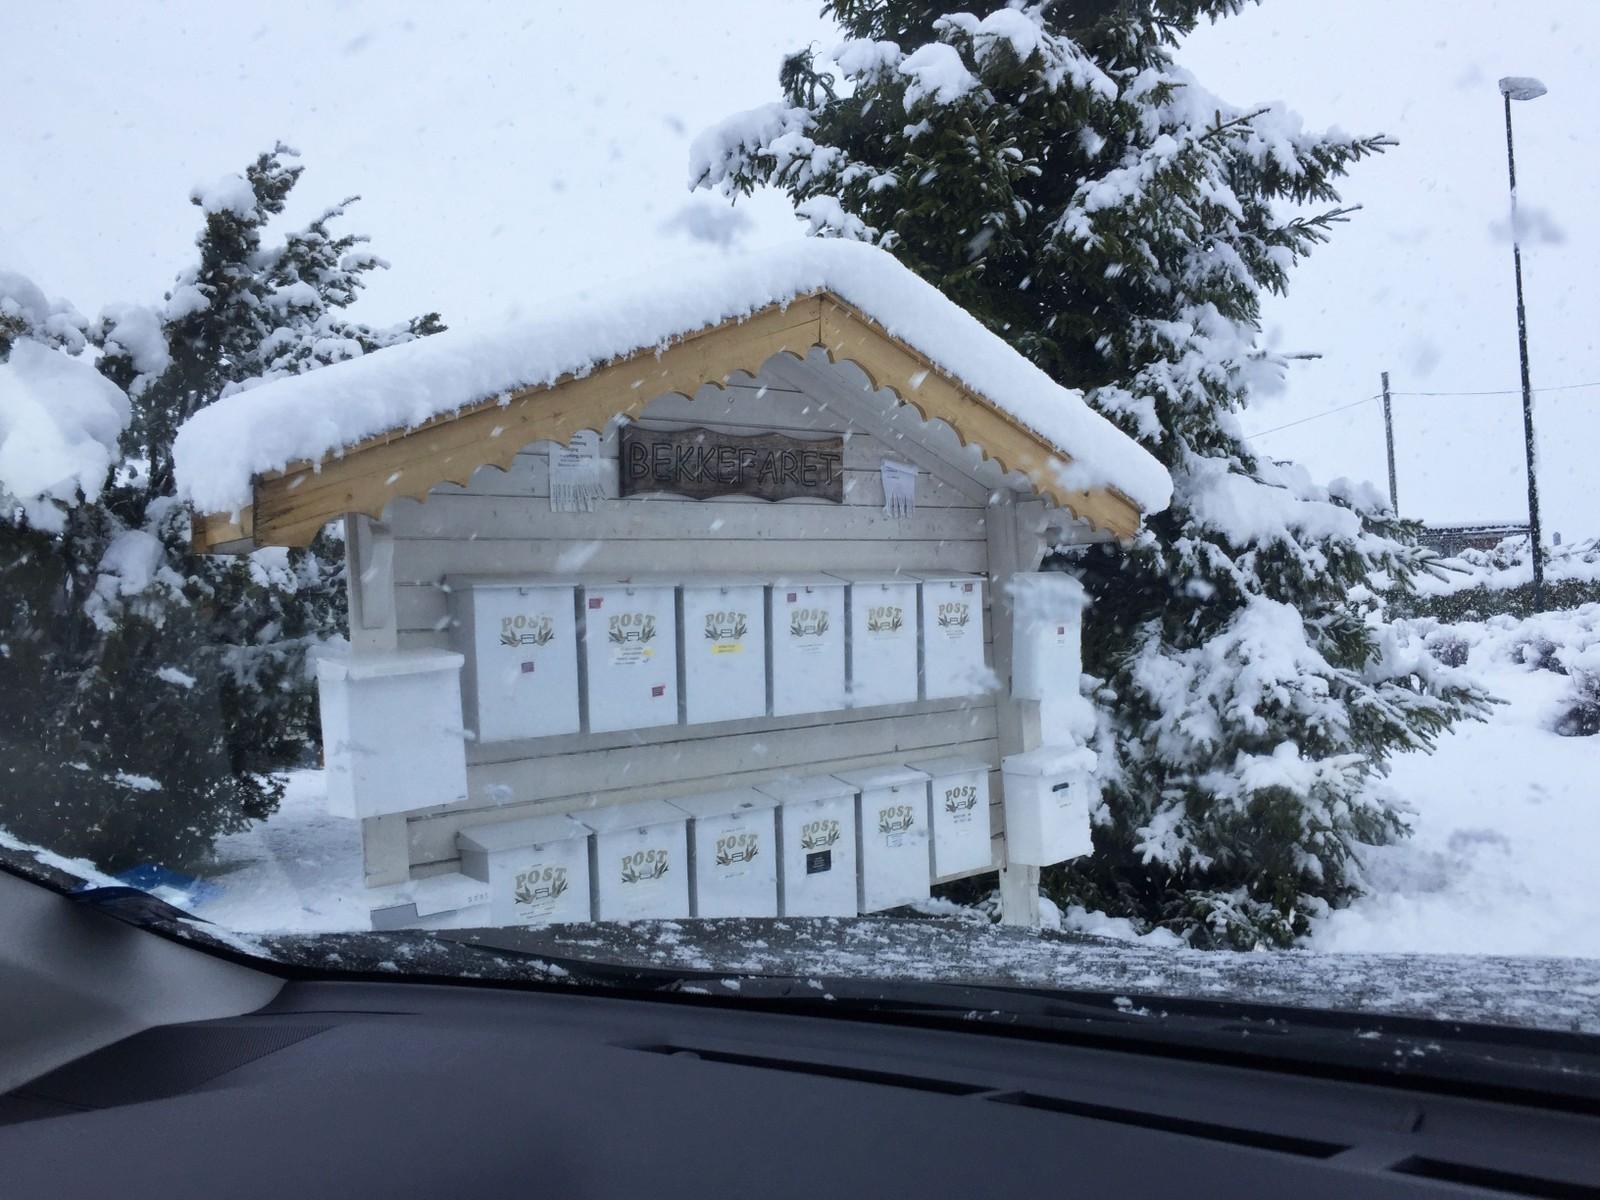 Snø i Bekkefaret på Jessheim.